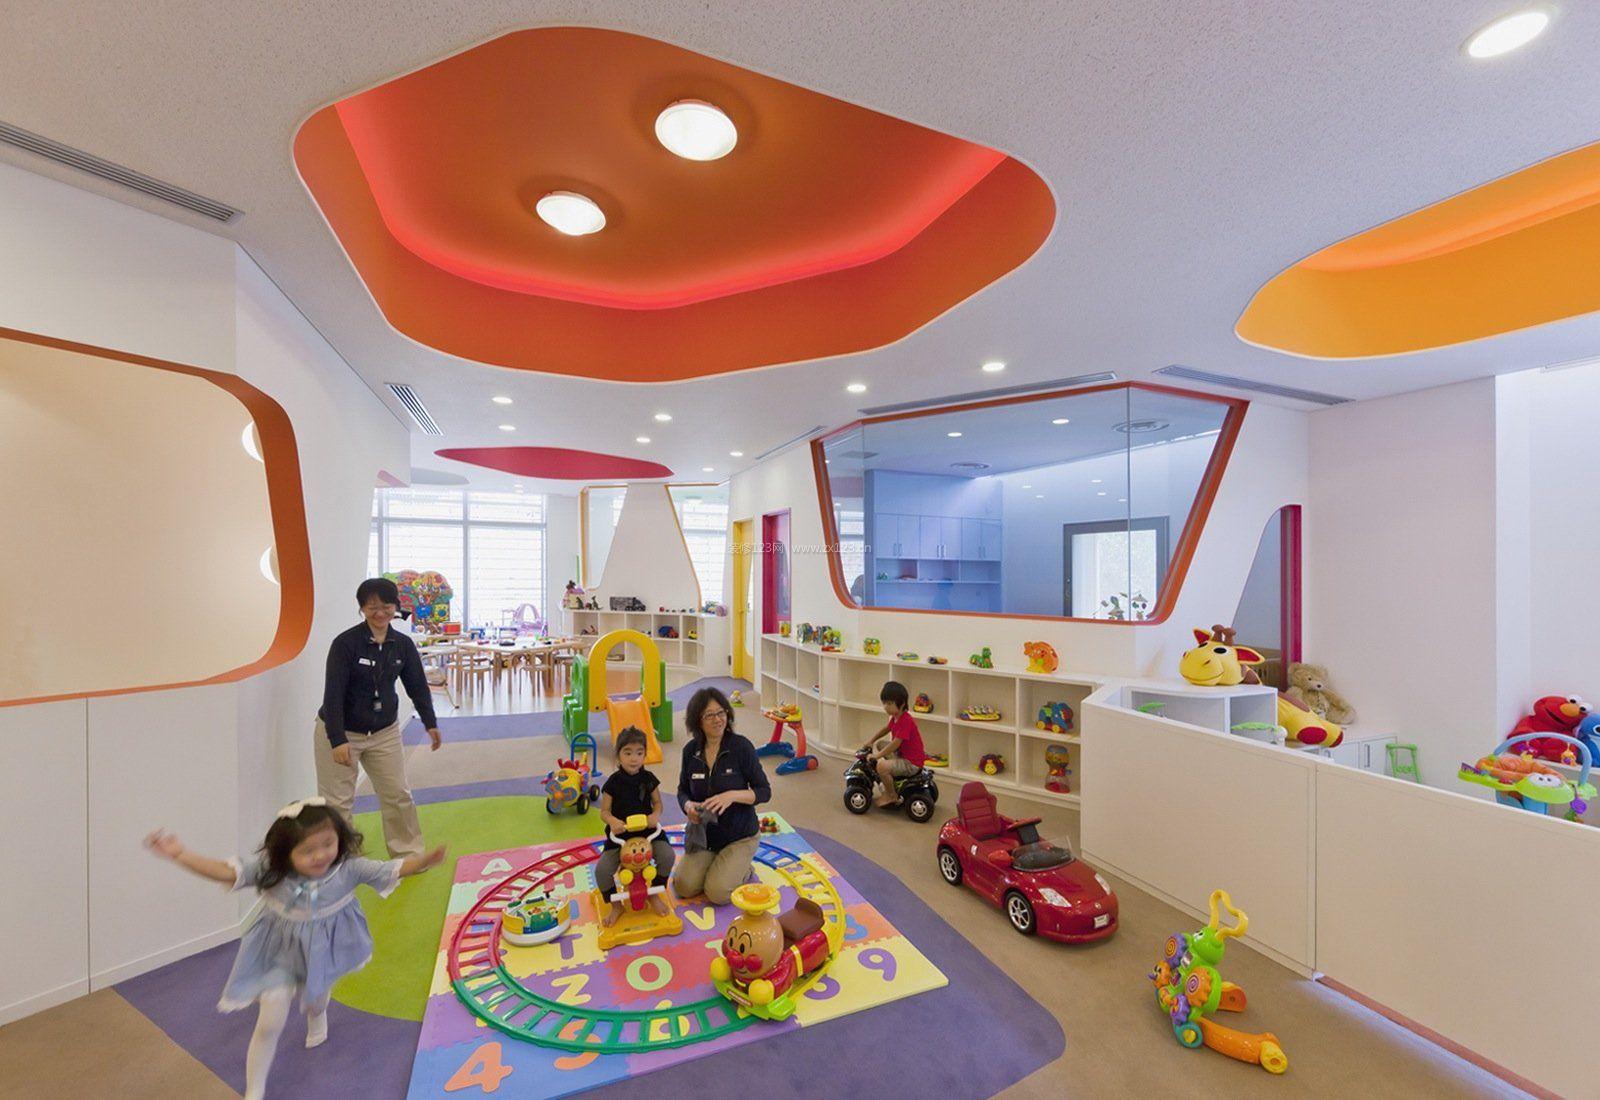 地中海装修风格幼儿园室内环境设计图片图片